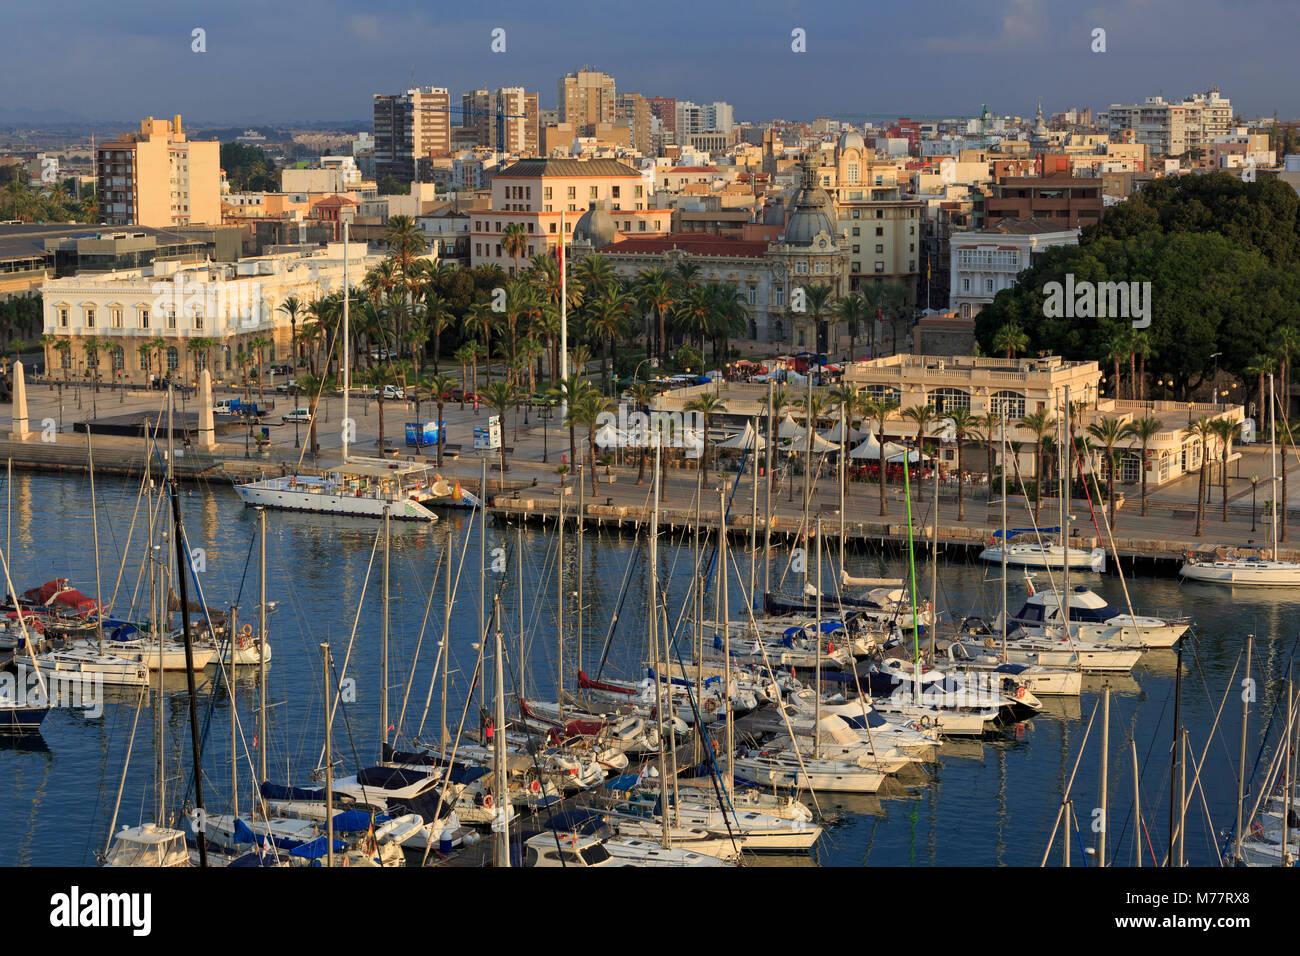 Marina, Porto di Cartagena, Murcia, Spagna, Europa Immagini Stock